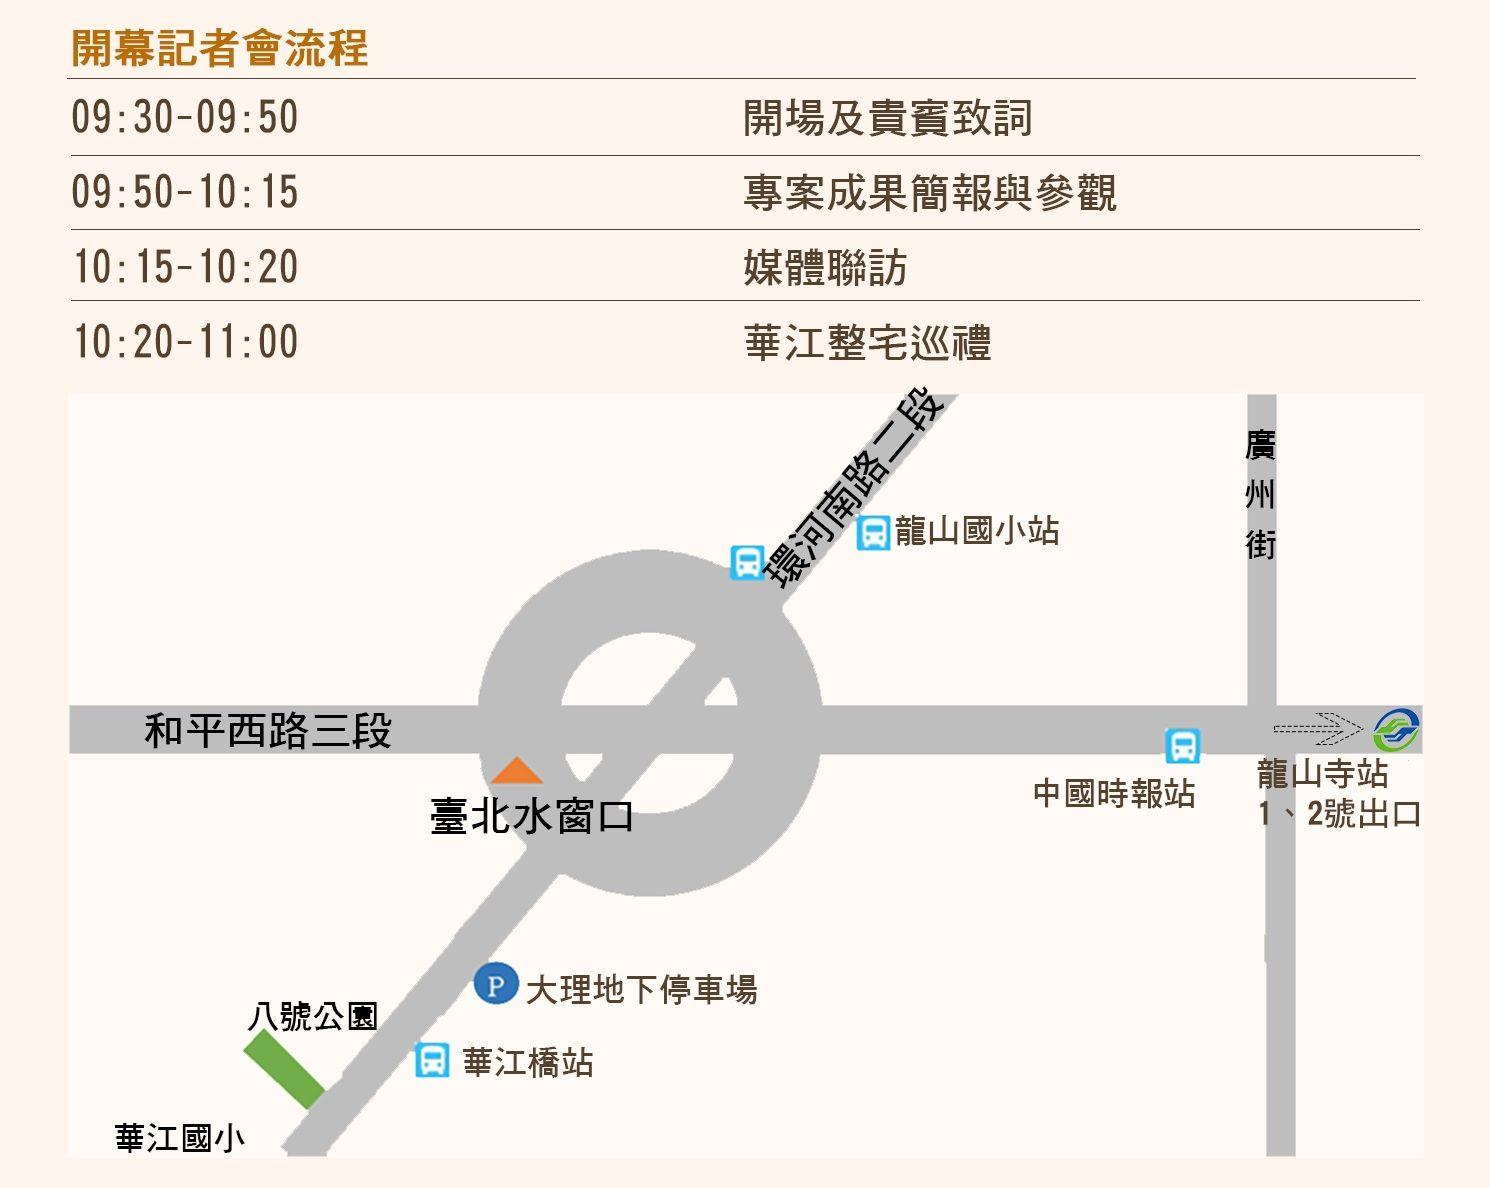 開幕記者會流程及交通位置圖